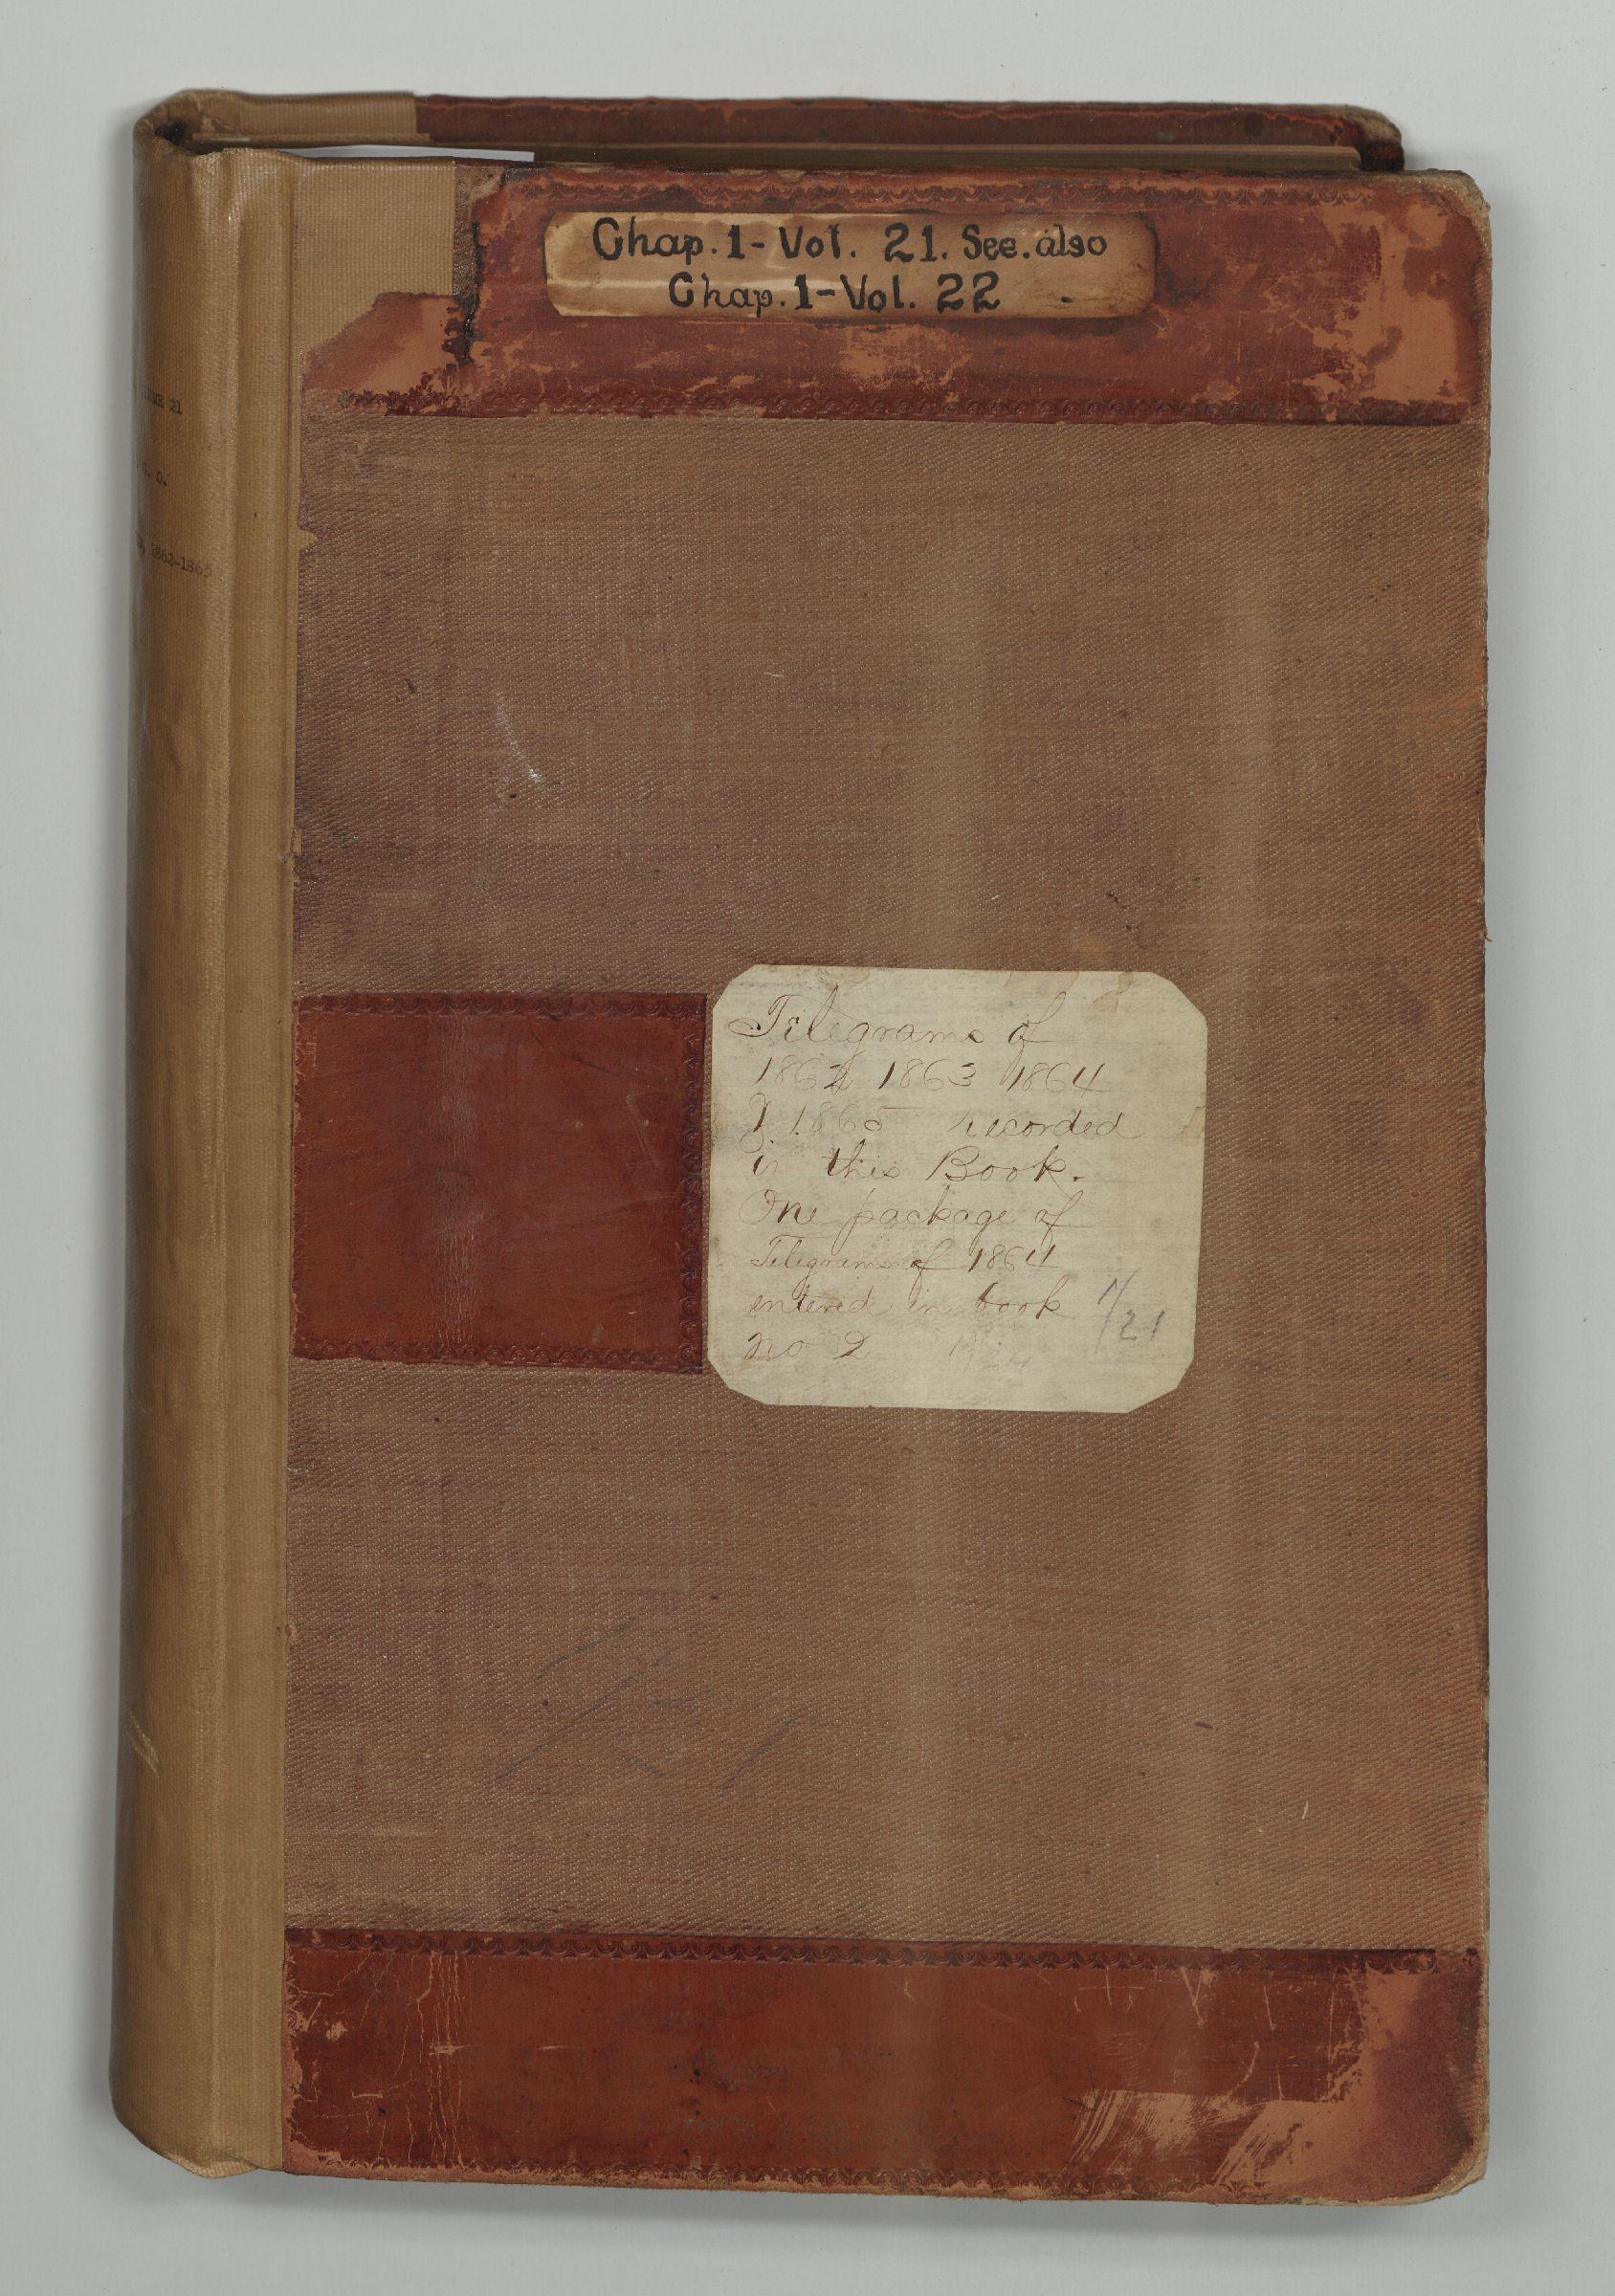 A&IGO - Telegrams Received, 1862-1865